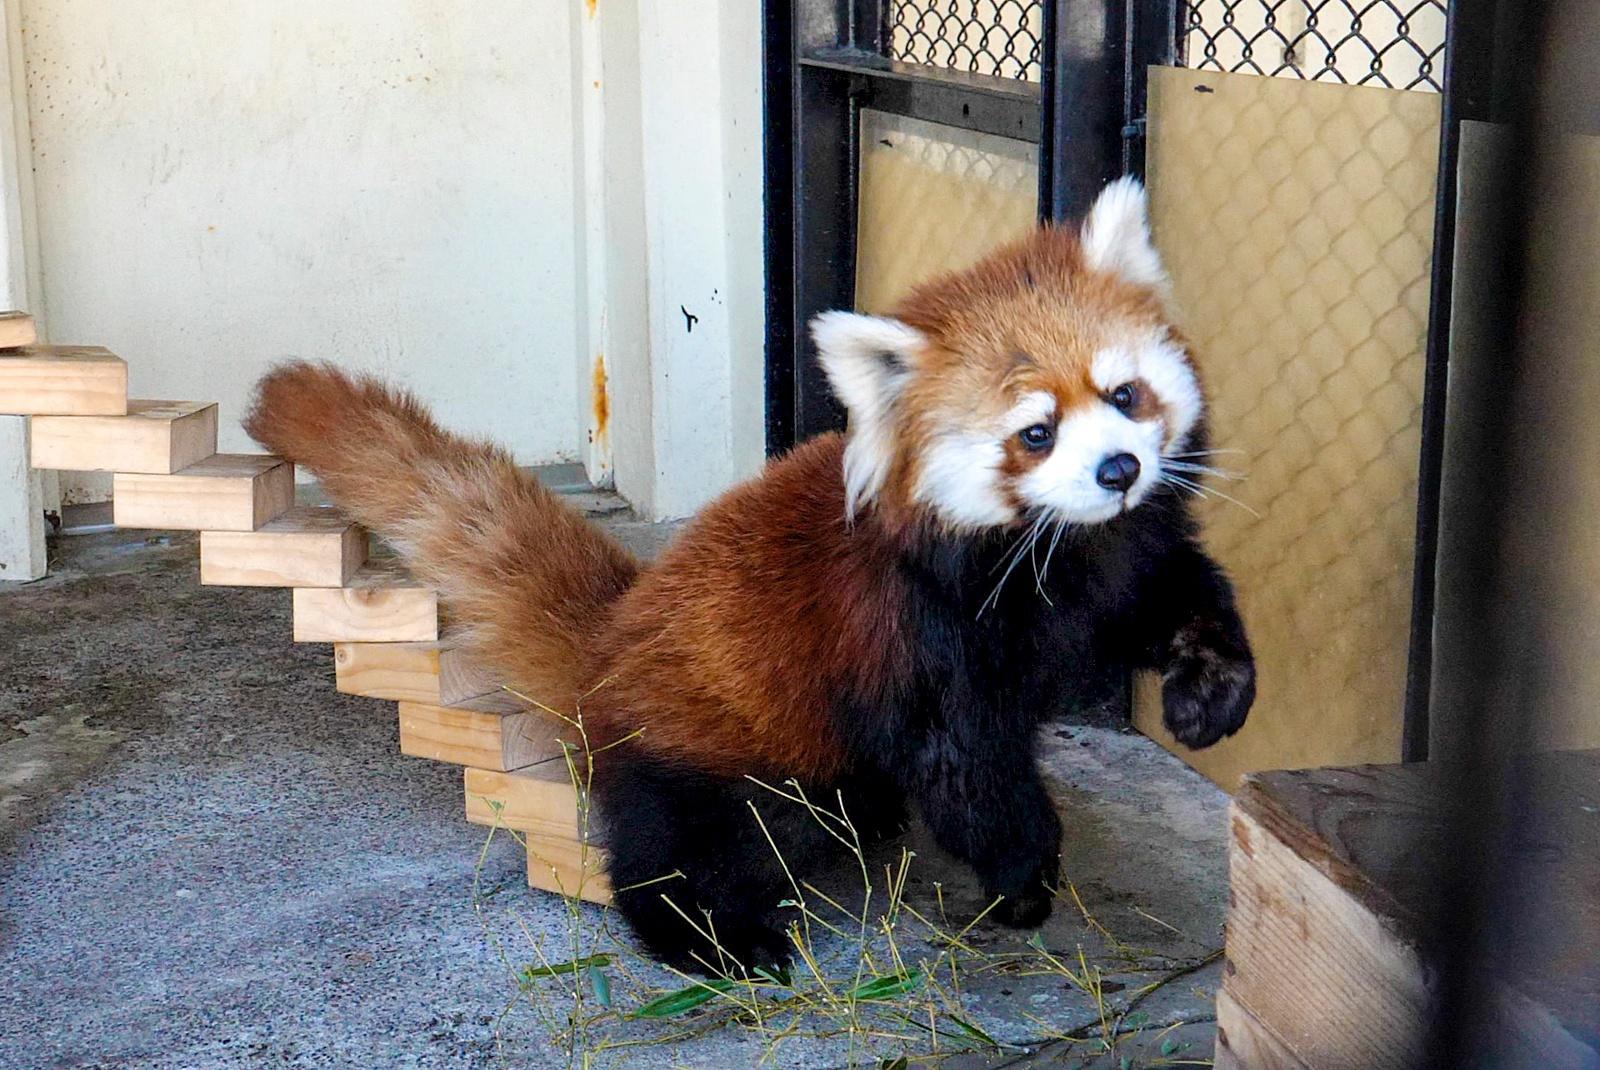 釧路市動物園で20年ぶりにレッサーパンダの赤ちゃんが誕生!その名は?